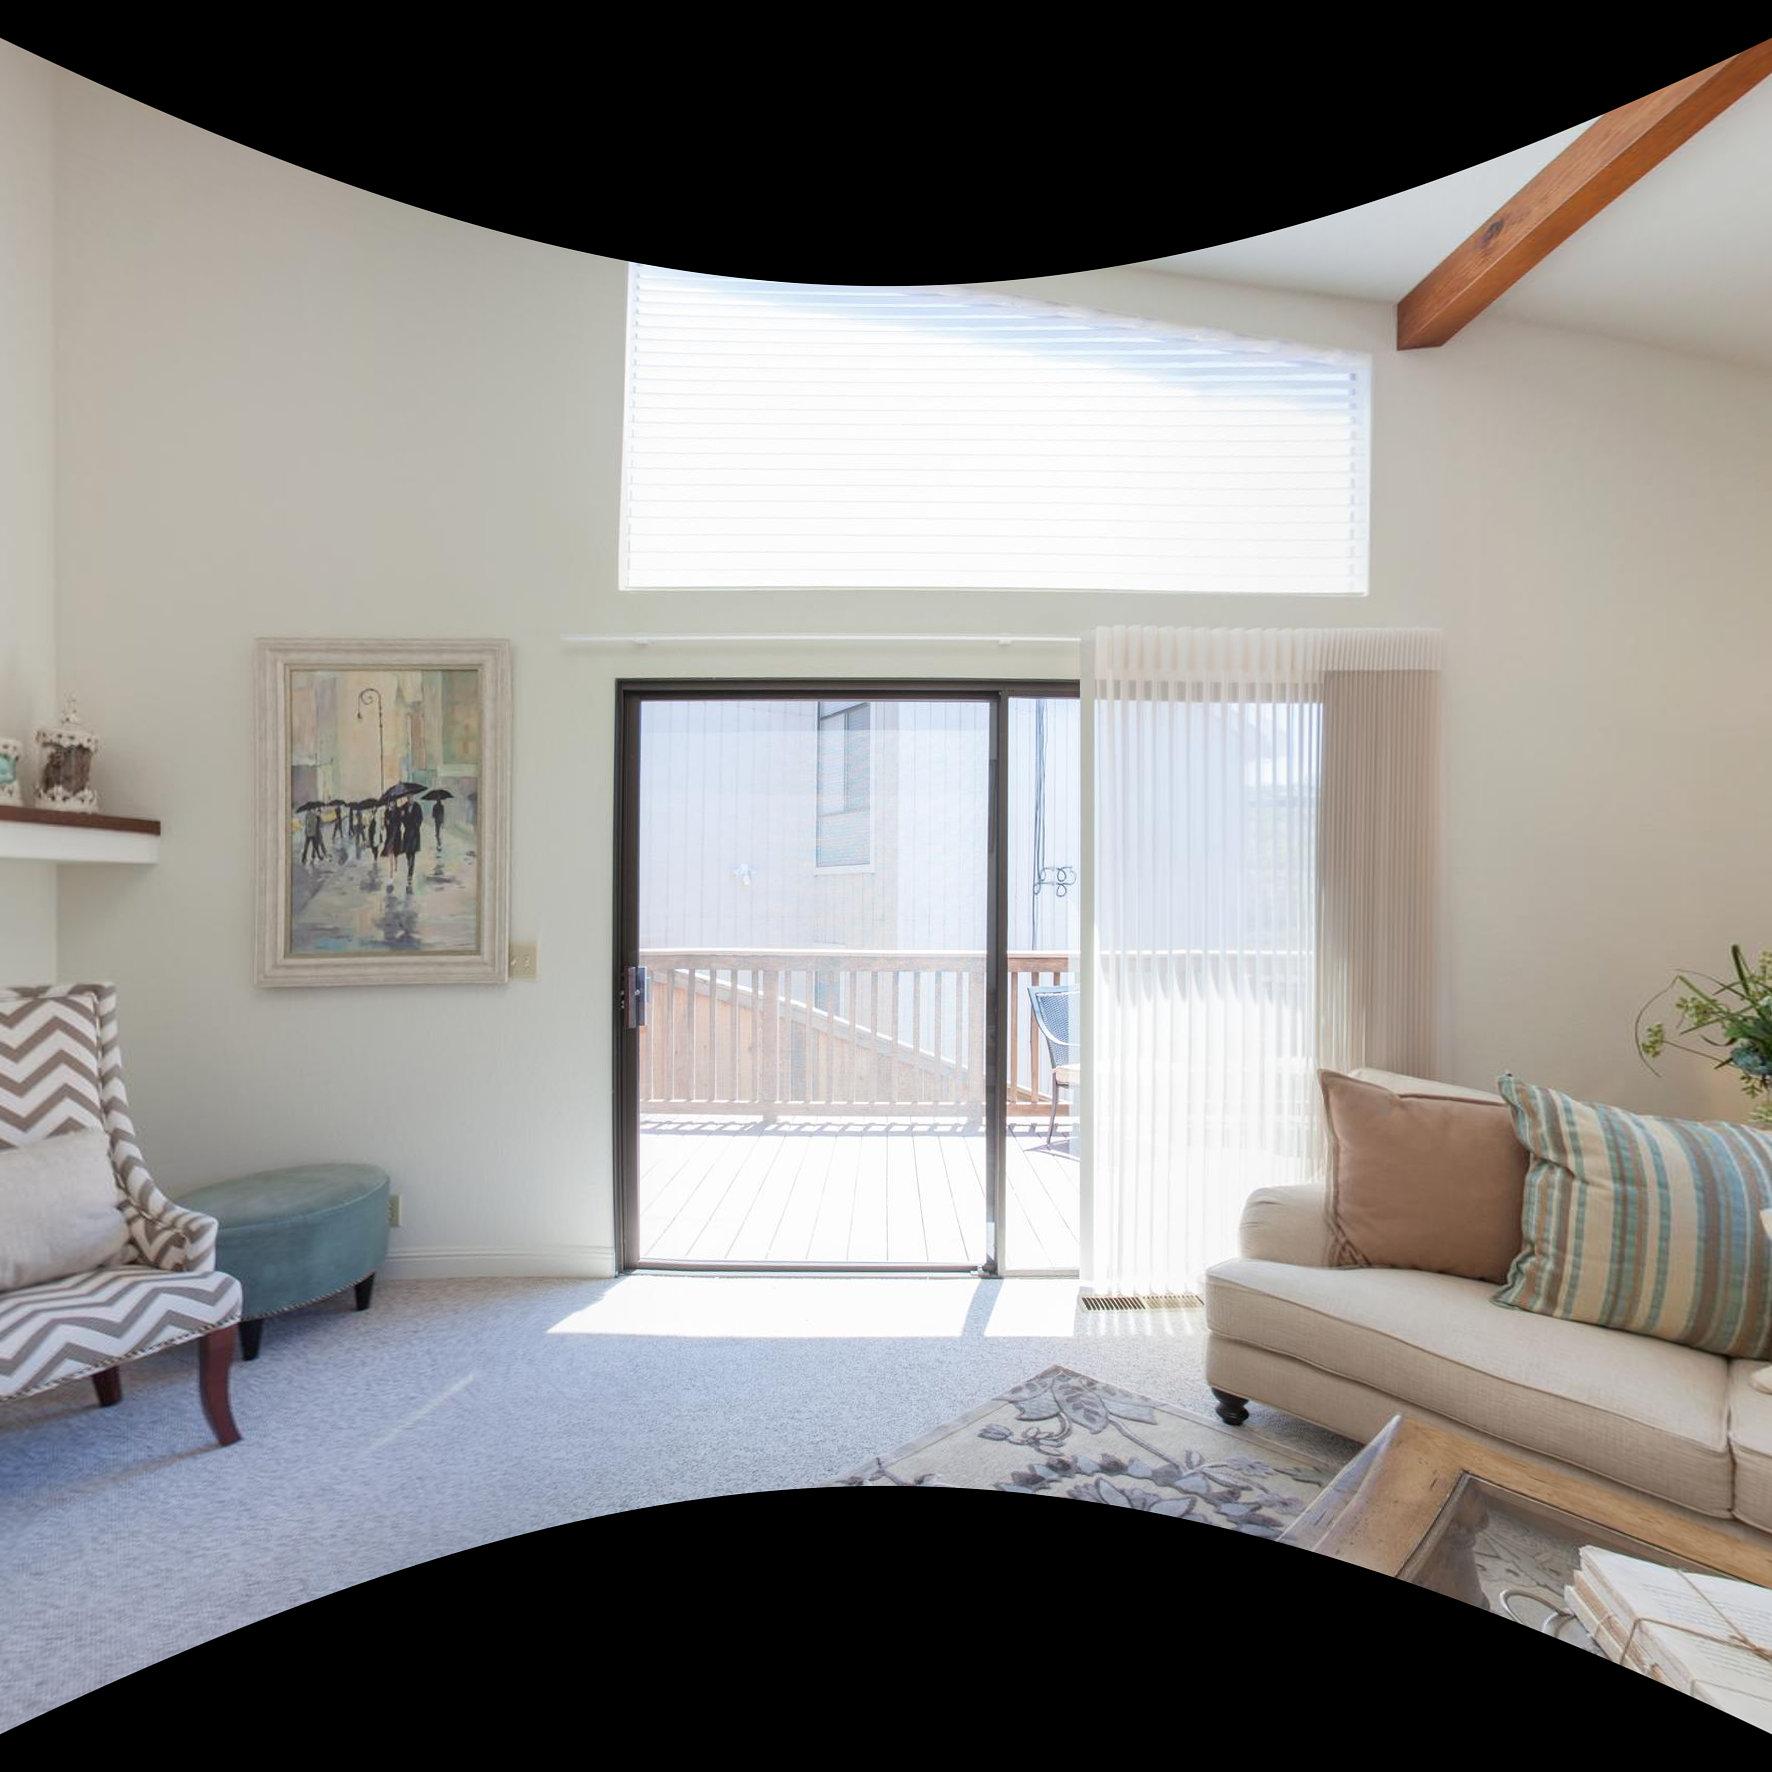 2817 Alhambra Drive, Belmont CA 94002, USA - Virtual Tour